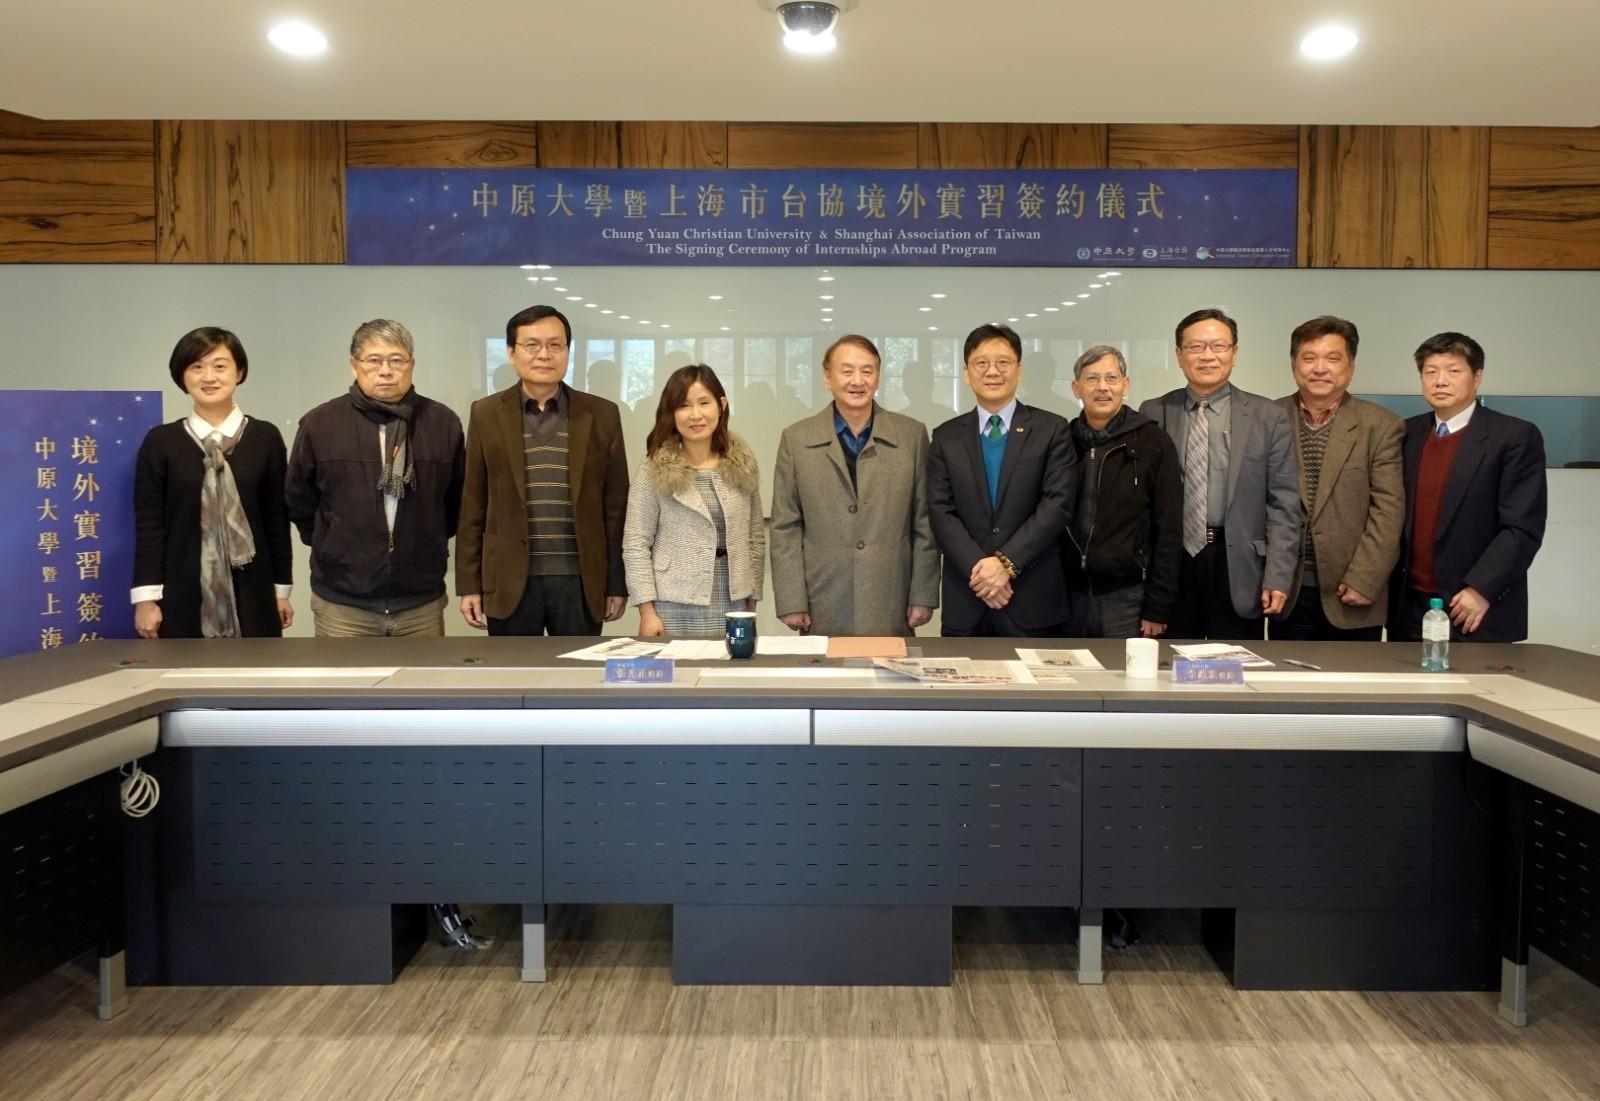 中原大學與上海台協簽約合作提供學生近半年之實習機會,提升多元及國際化的就業能力.JPG